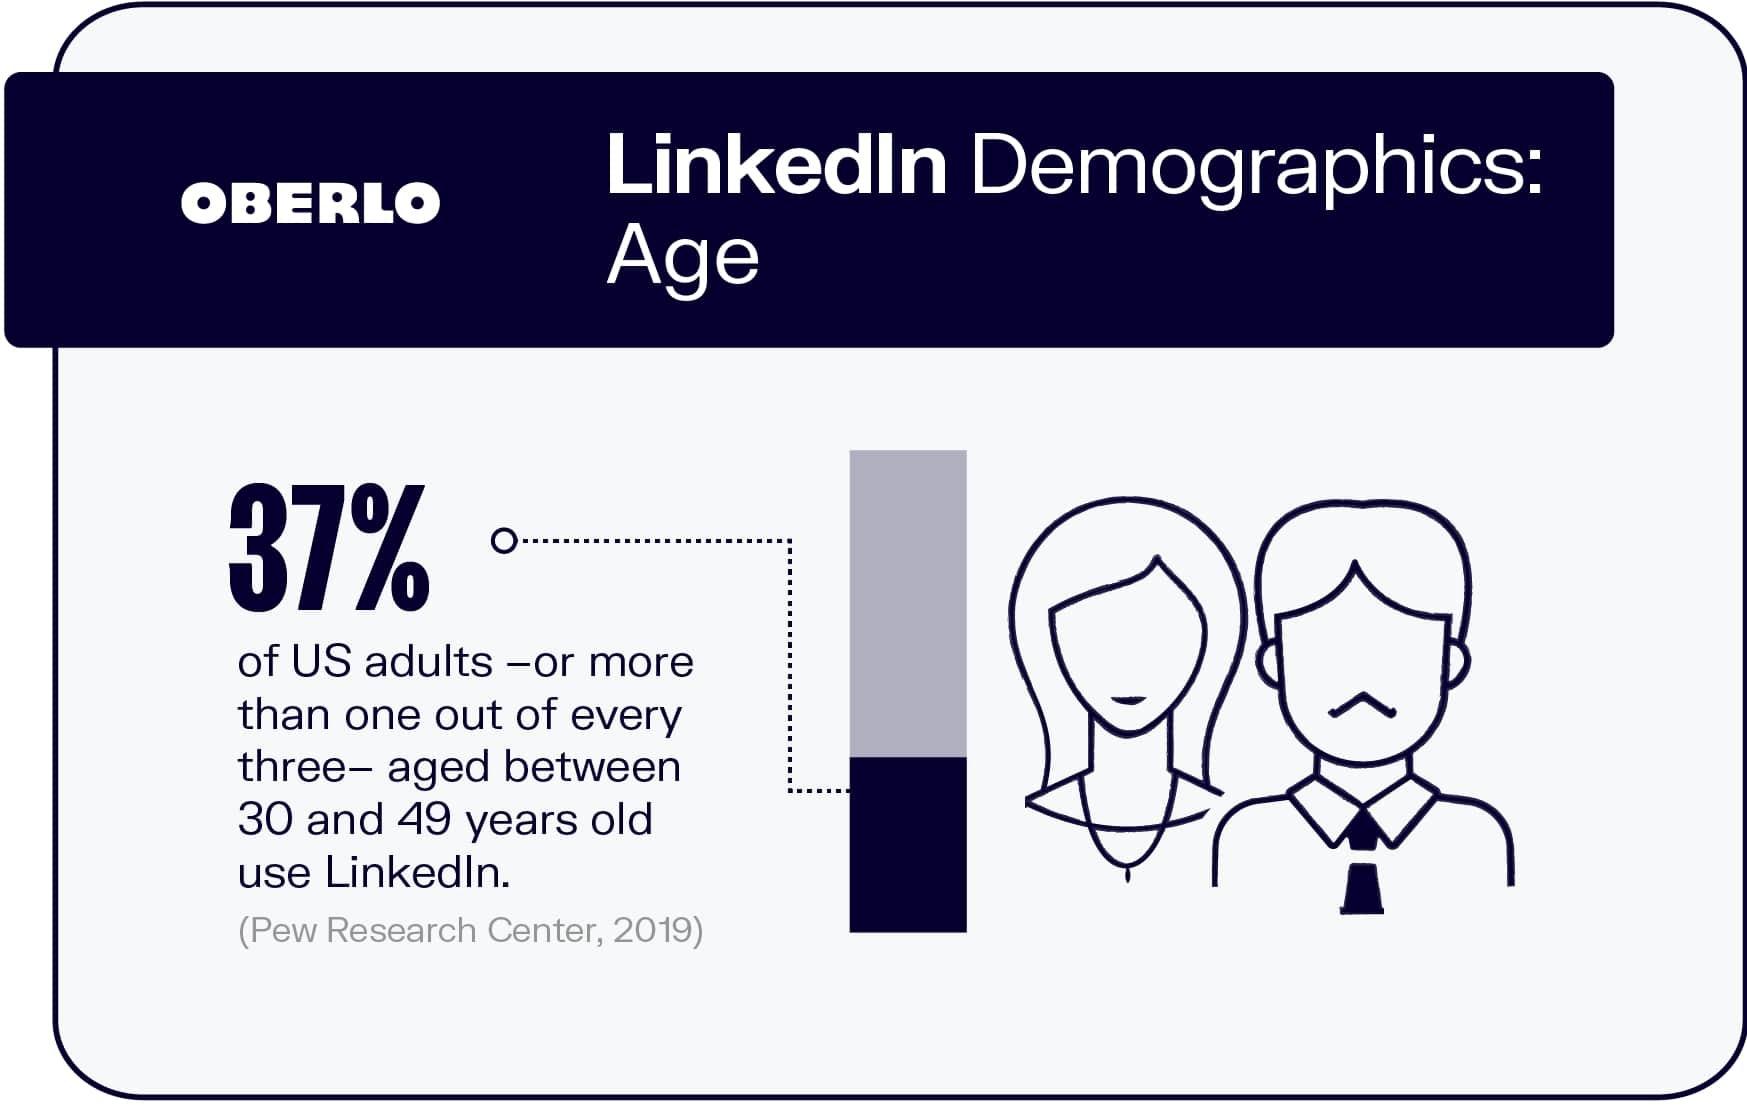 LinkedIn Demographics: Age